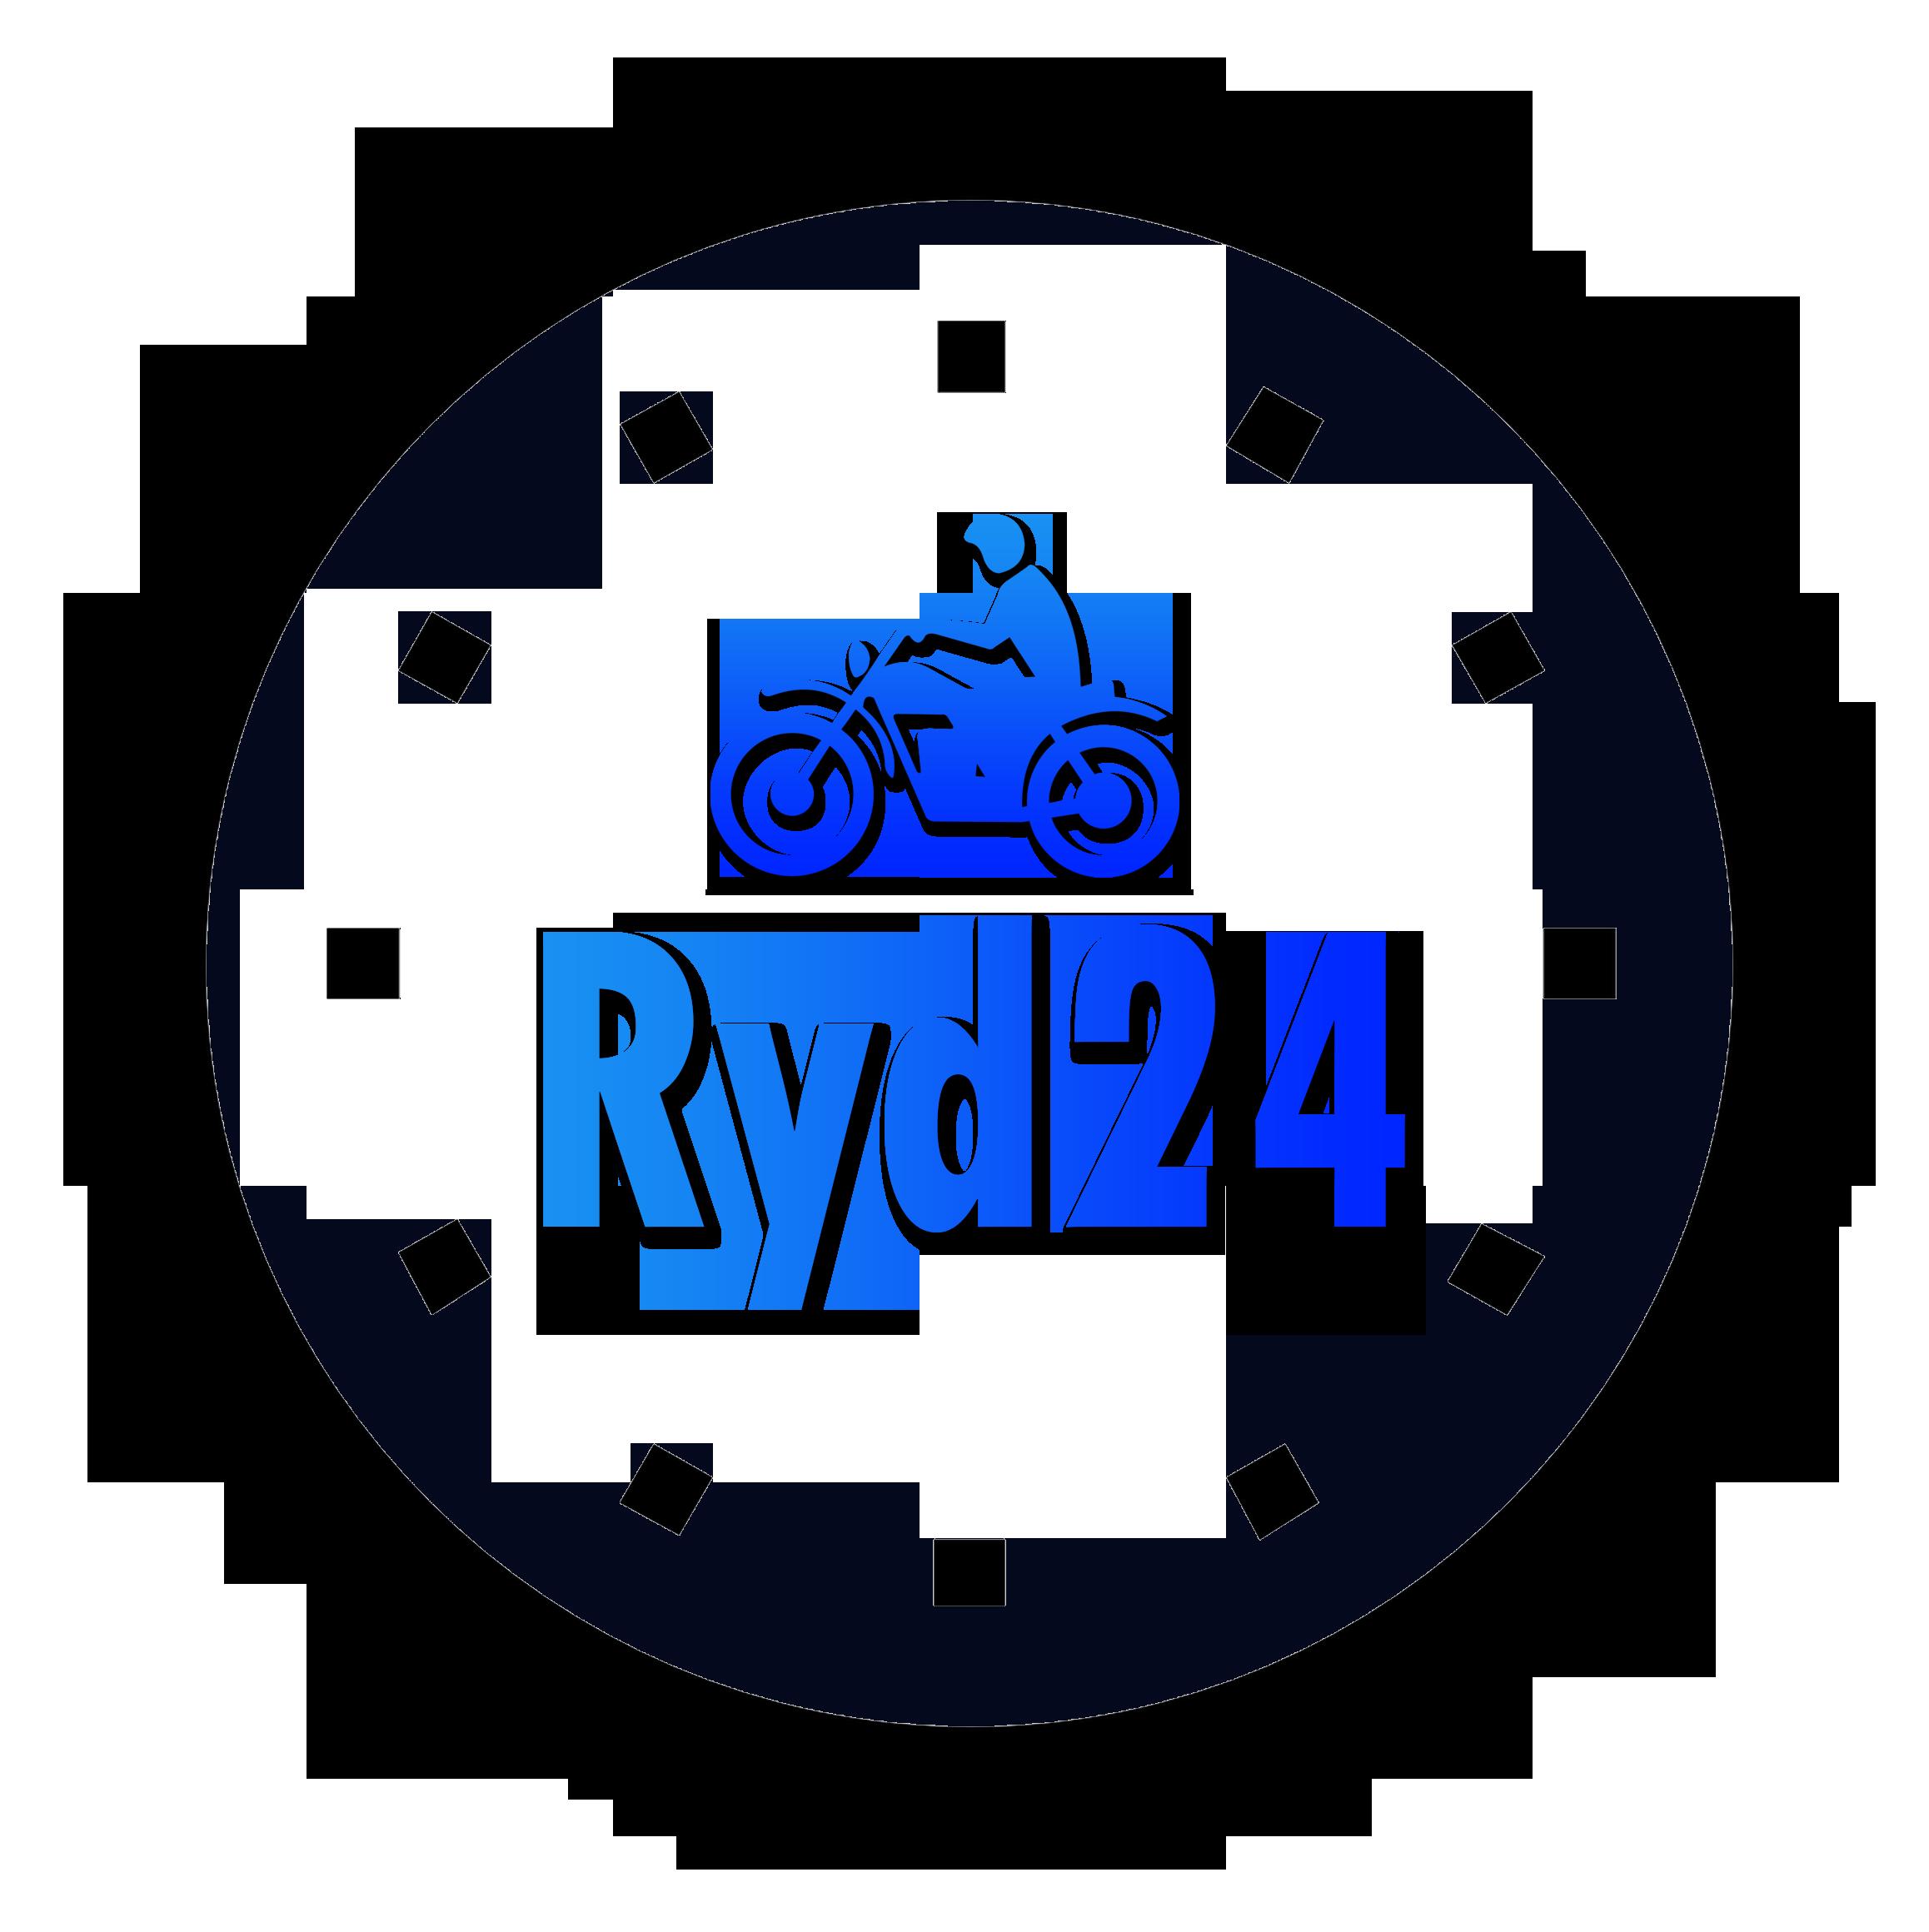 Ryd24 Image